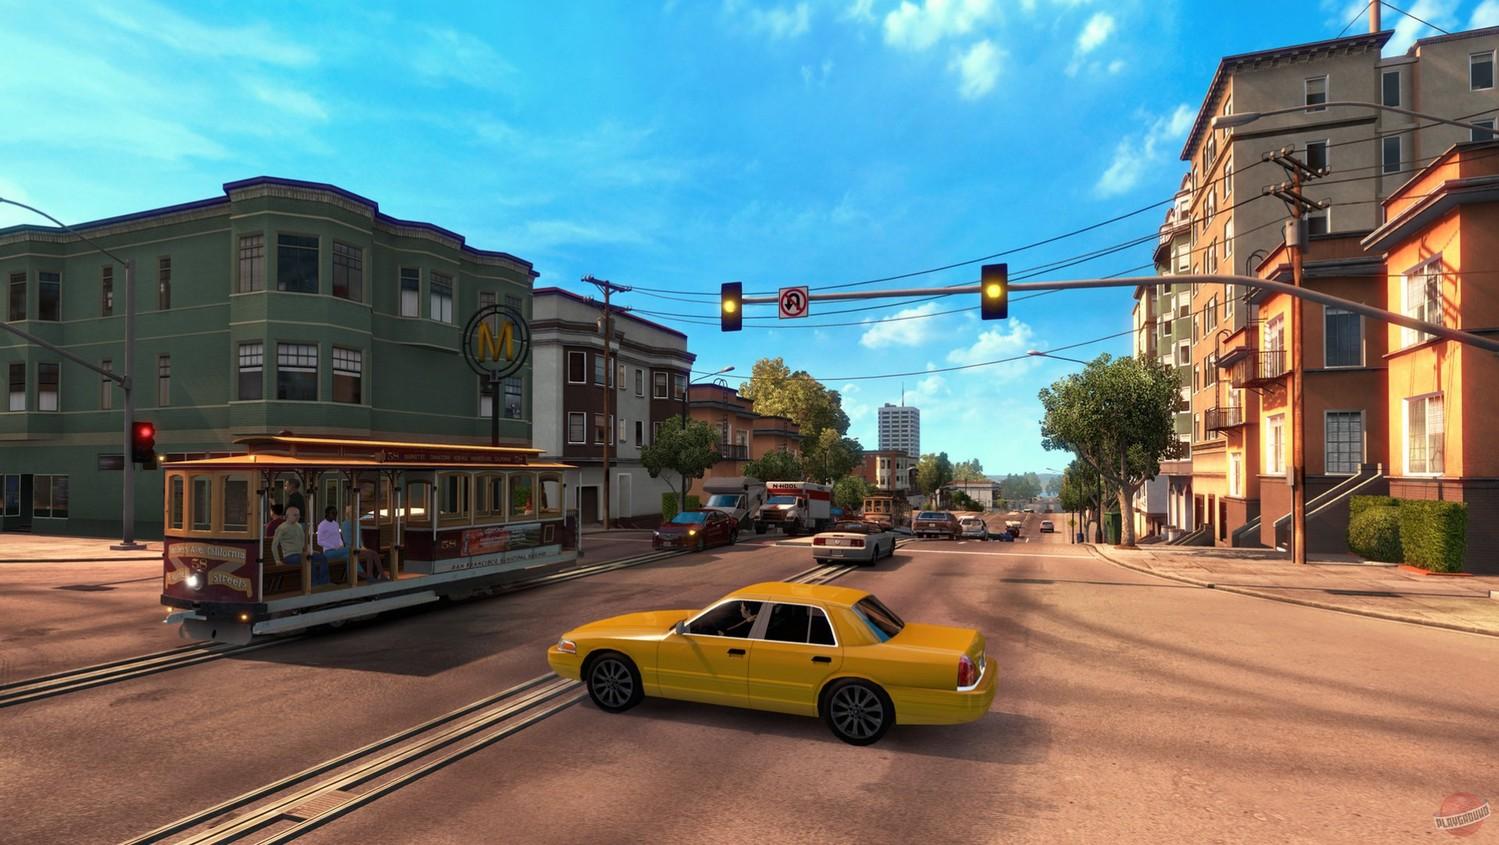 Screenshot for the game American Truck Simulator [v 1.38.2.18 s + DLC] (2016) download torrent RePack